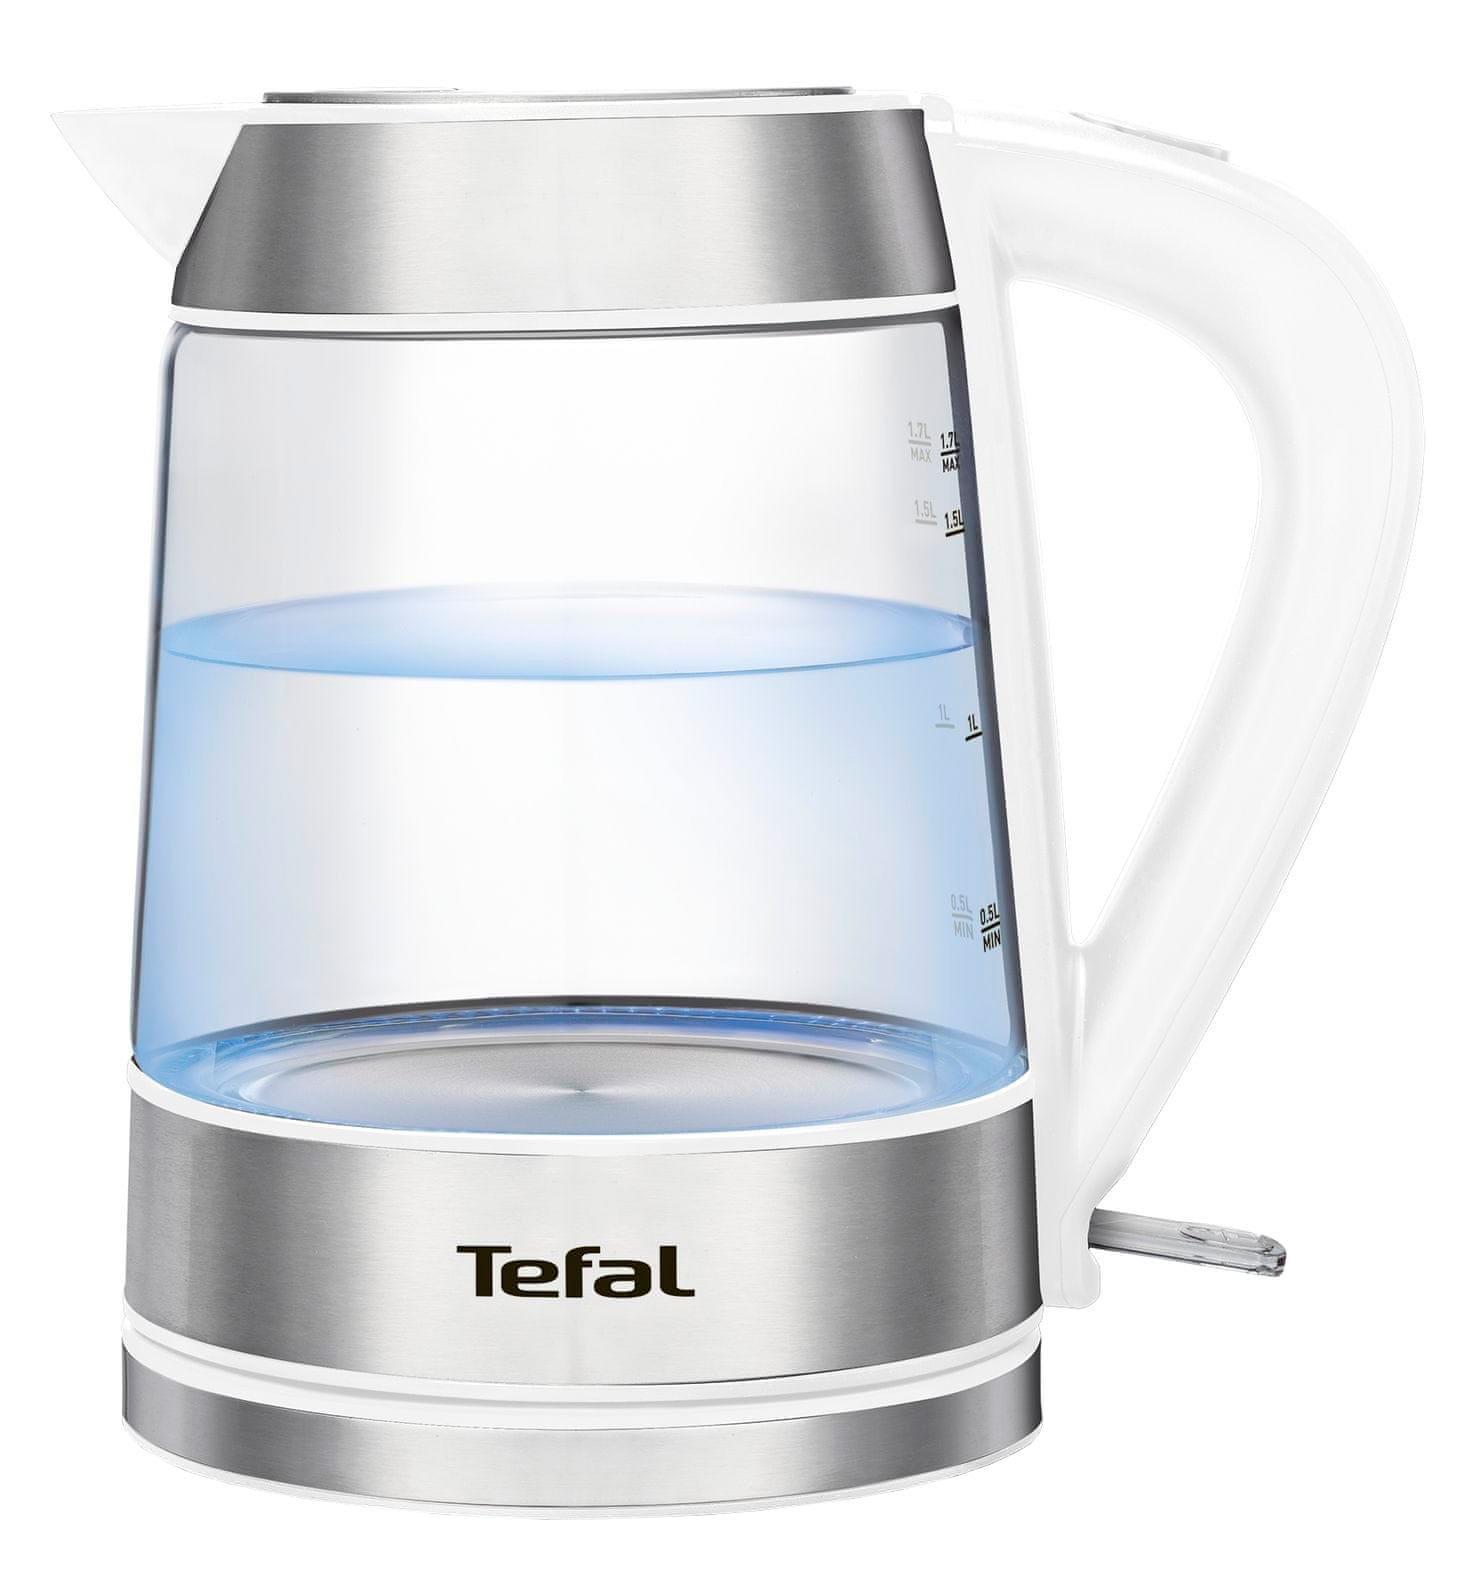 Tefal KI 730